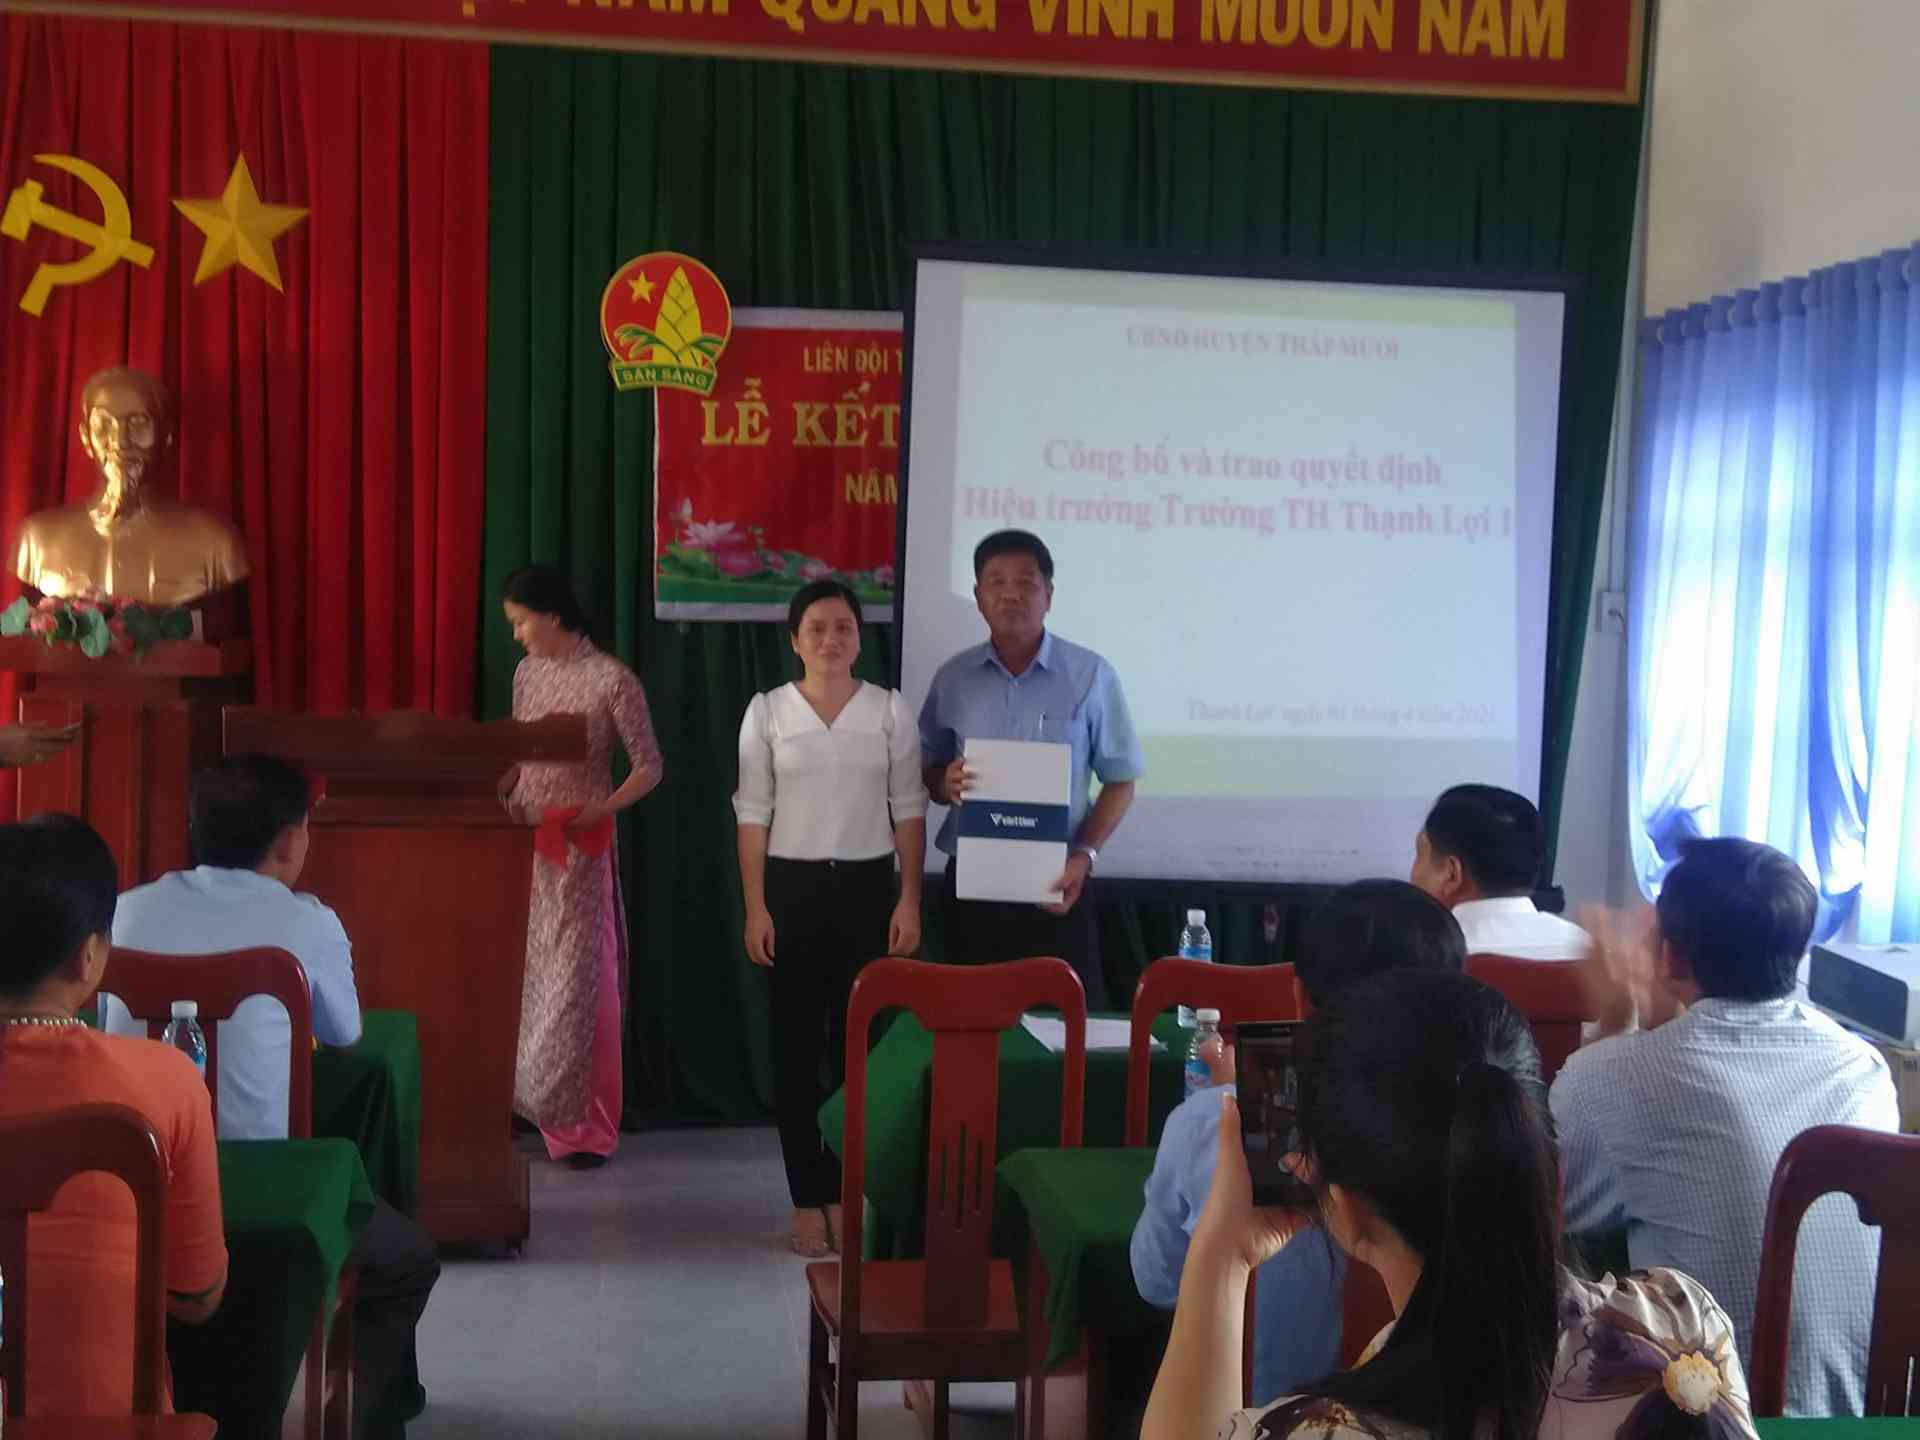 Cô Nguyễn Thị Mỹ Hạnh - phó hiệu trưởng nhà trường lên trao món quà lưu niệm cho thầt Nguyễn Thành Tâm.